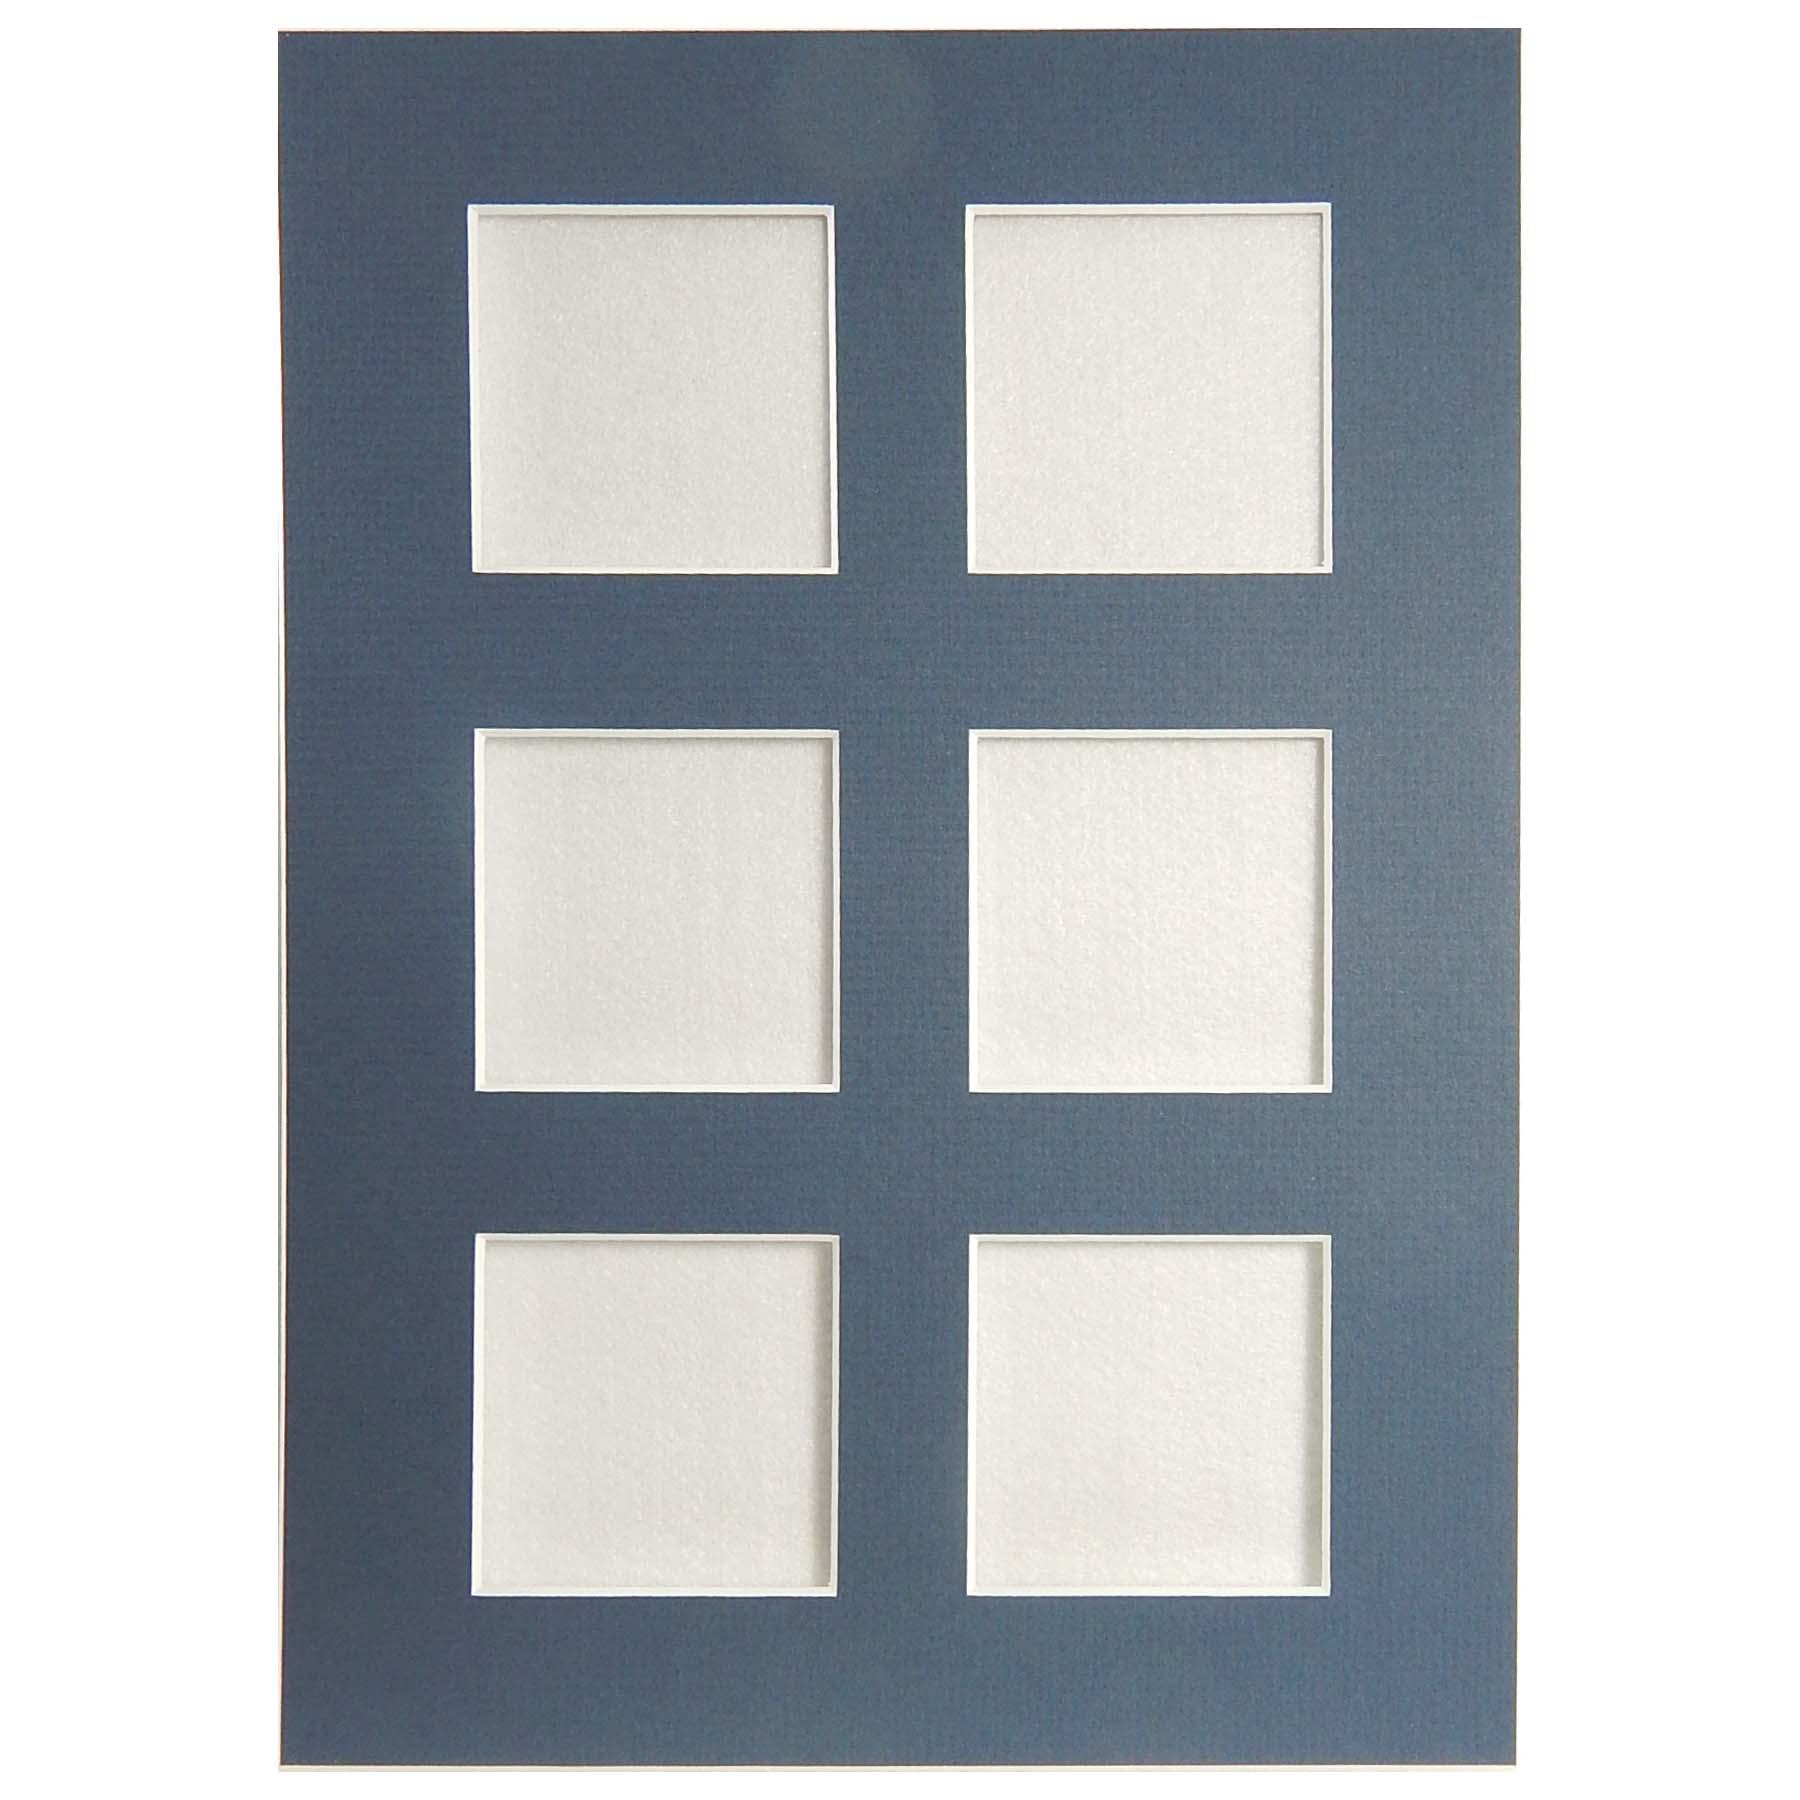 Passepartout mit 6 Ausschnitte in weiß, blau und schwarz in der Klöppelwerkstatt erhältlich, zum klöppeln, sticken, occhi, Nadelspitze, in blau